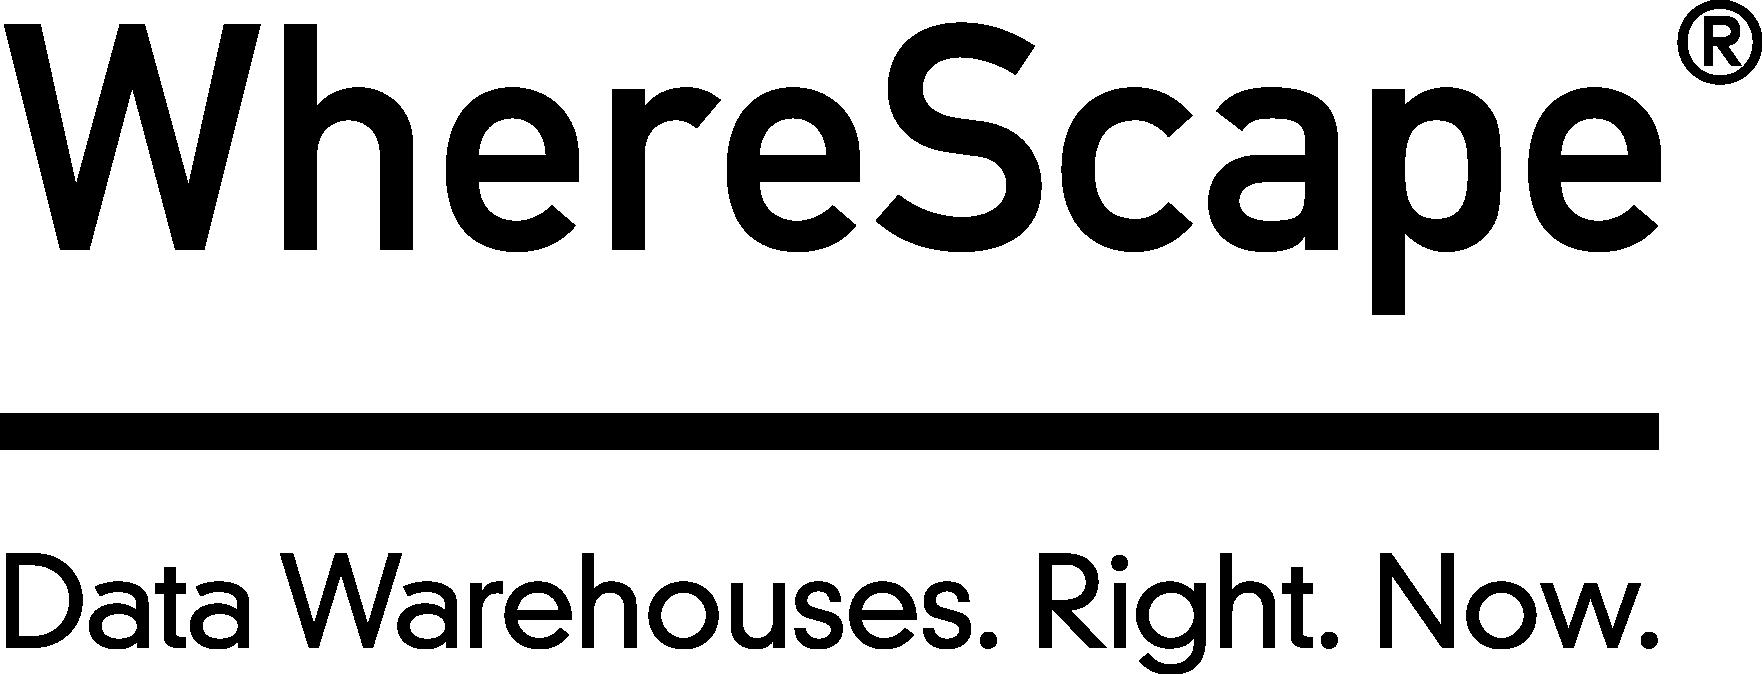 WhereScape-logo